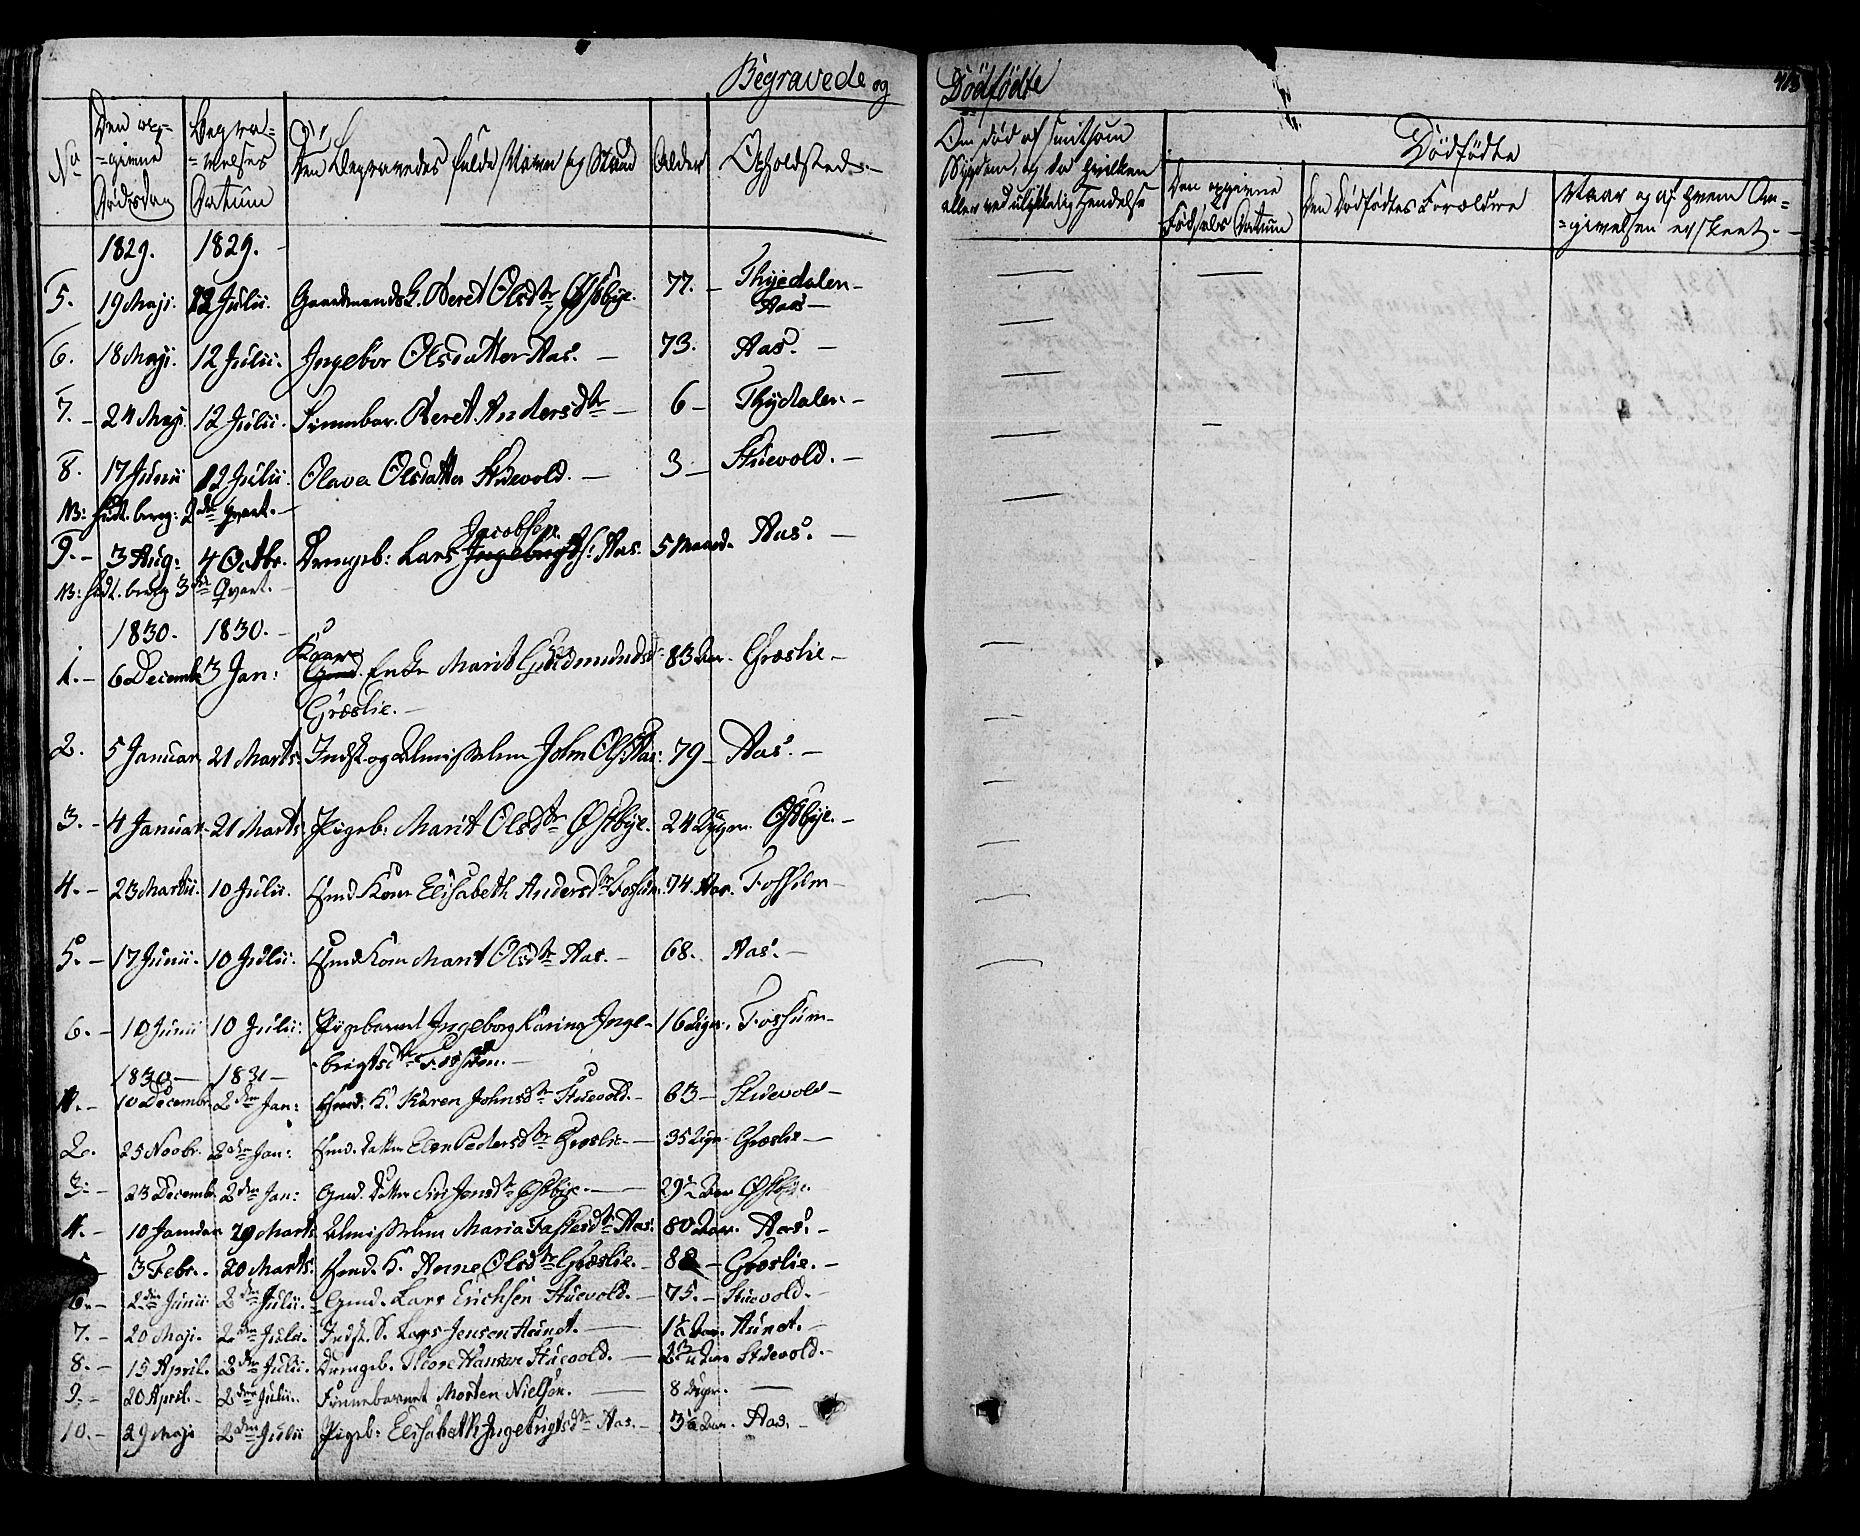 SAT, Ministerialprotokoller, klokkerbøker og fødselsregistre - Sør-Trøndelag, 695/L1144: Ministerialbok nr. 695A05 /2, 1824-1842, s. 413